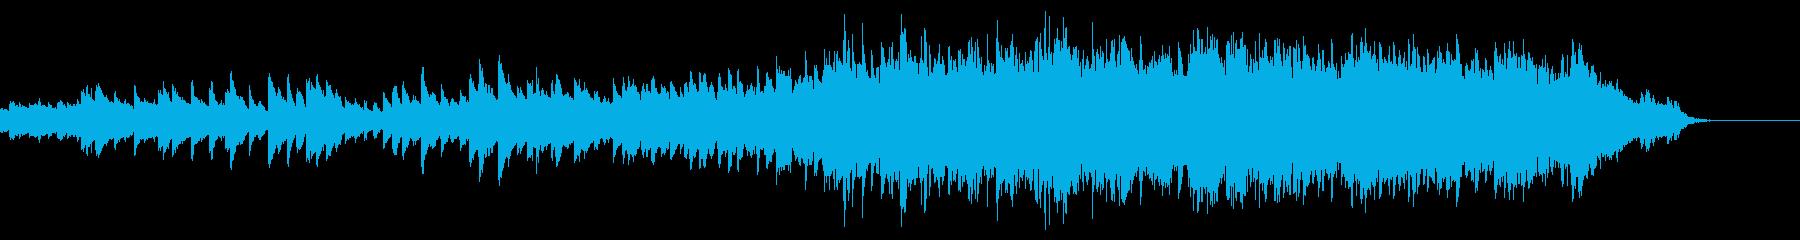 オルゴールとストリングスの優しい曲の再生済みの波形